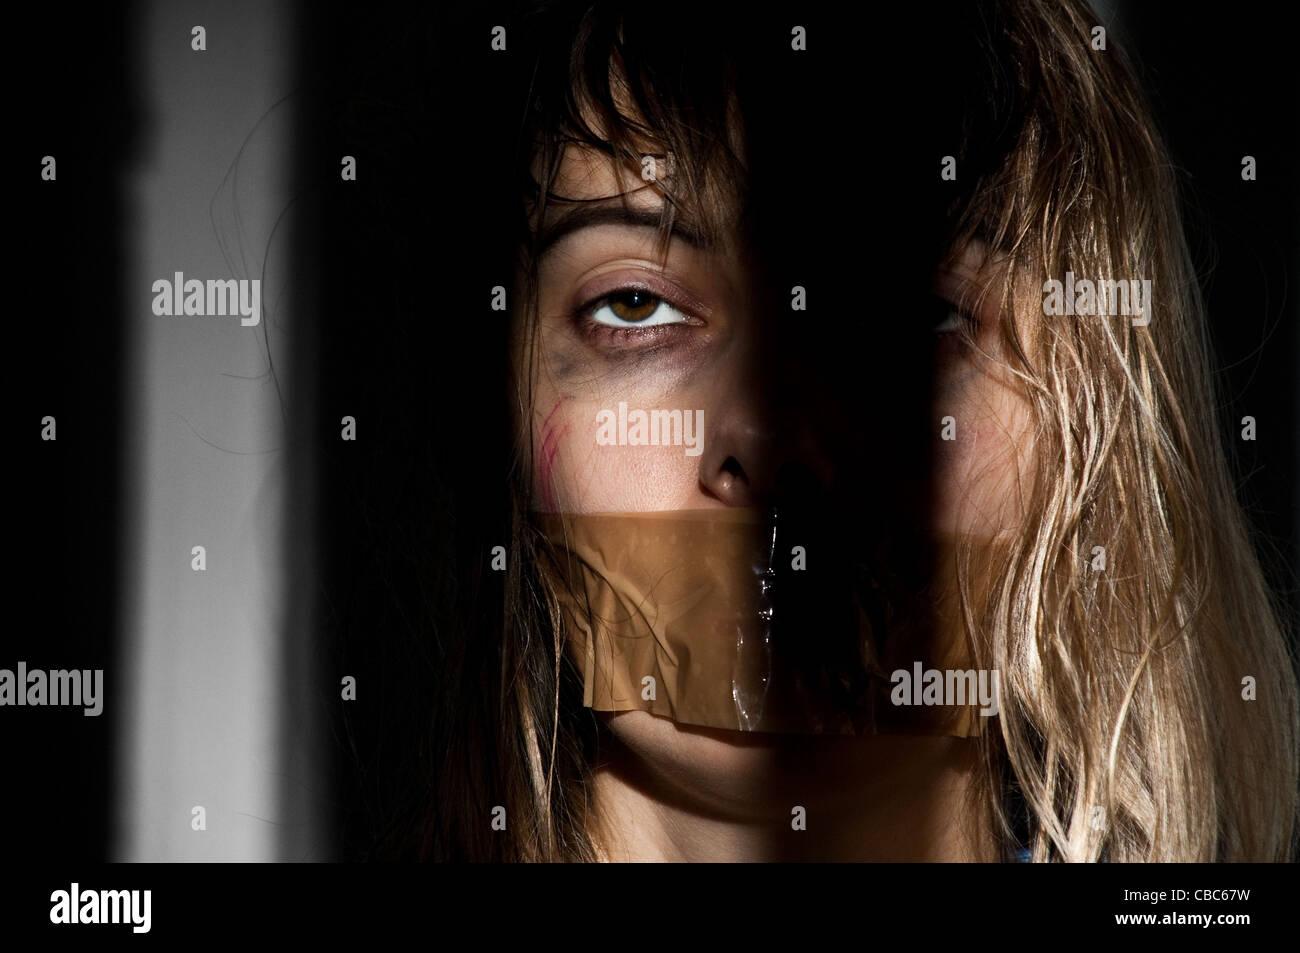 Femme Baillonnee jeune femme pris en otage avec sa bouche bâillonnée banque d'images